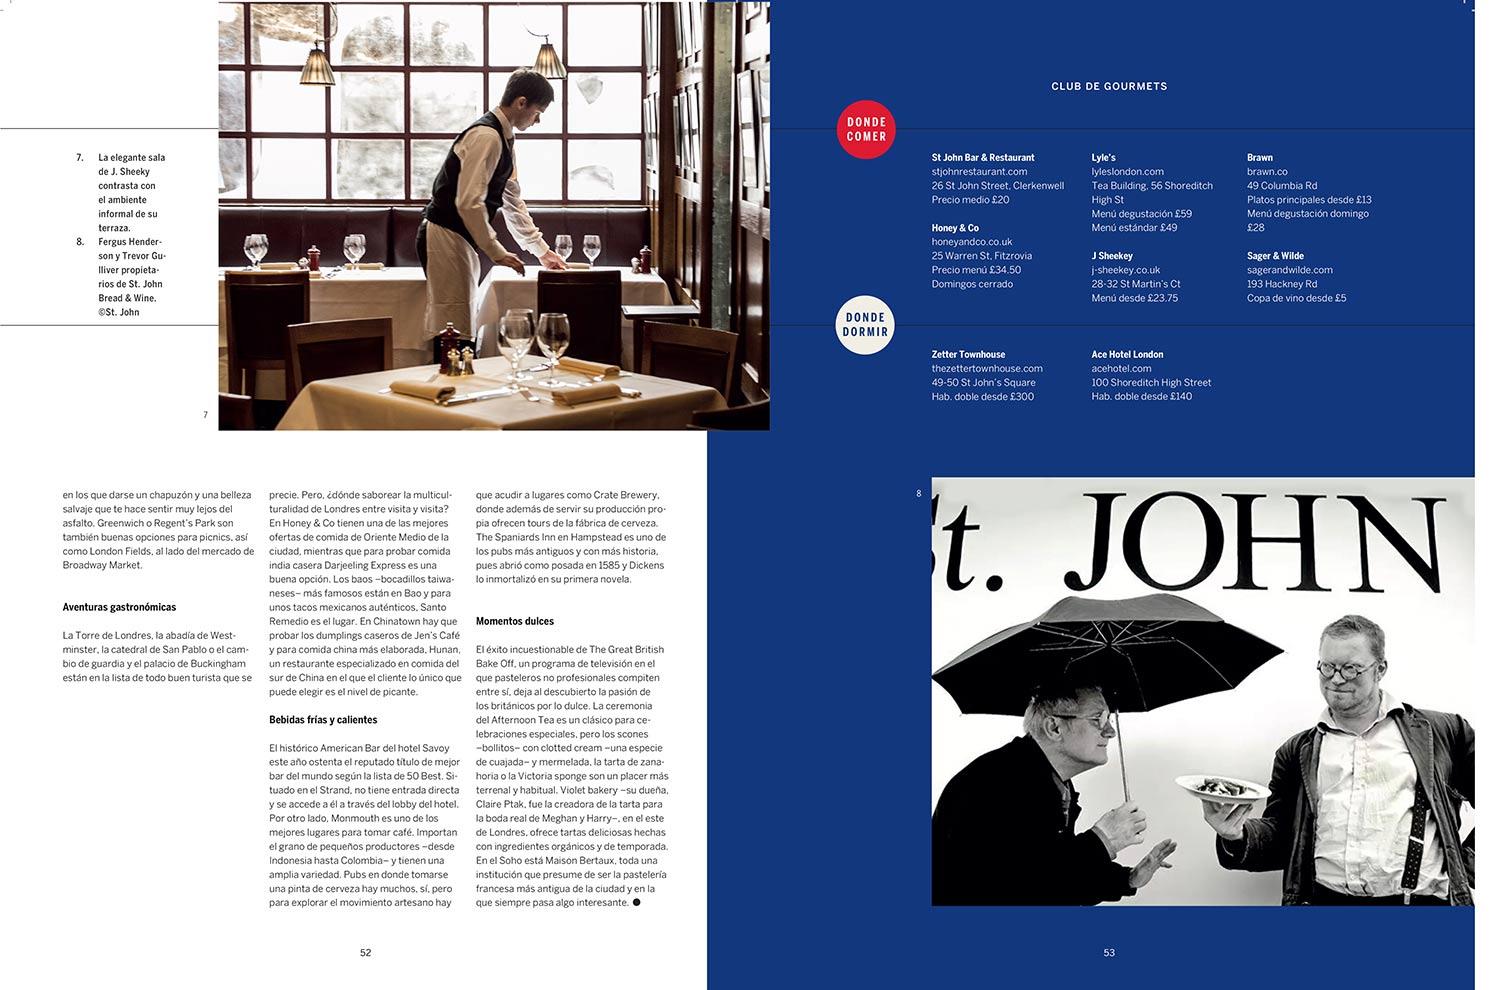 gourmets-pg3.jpg